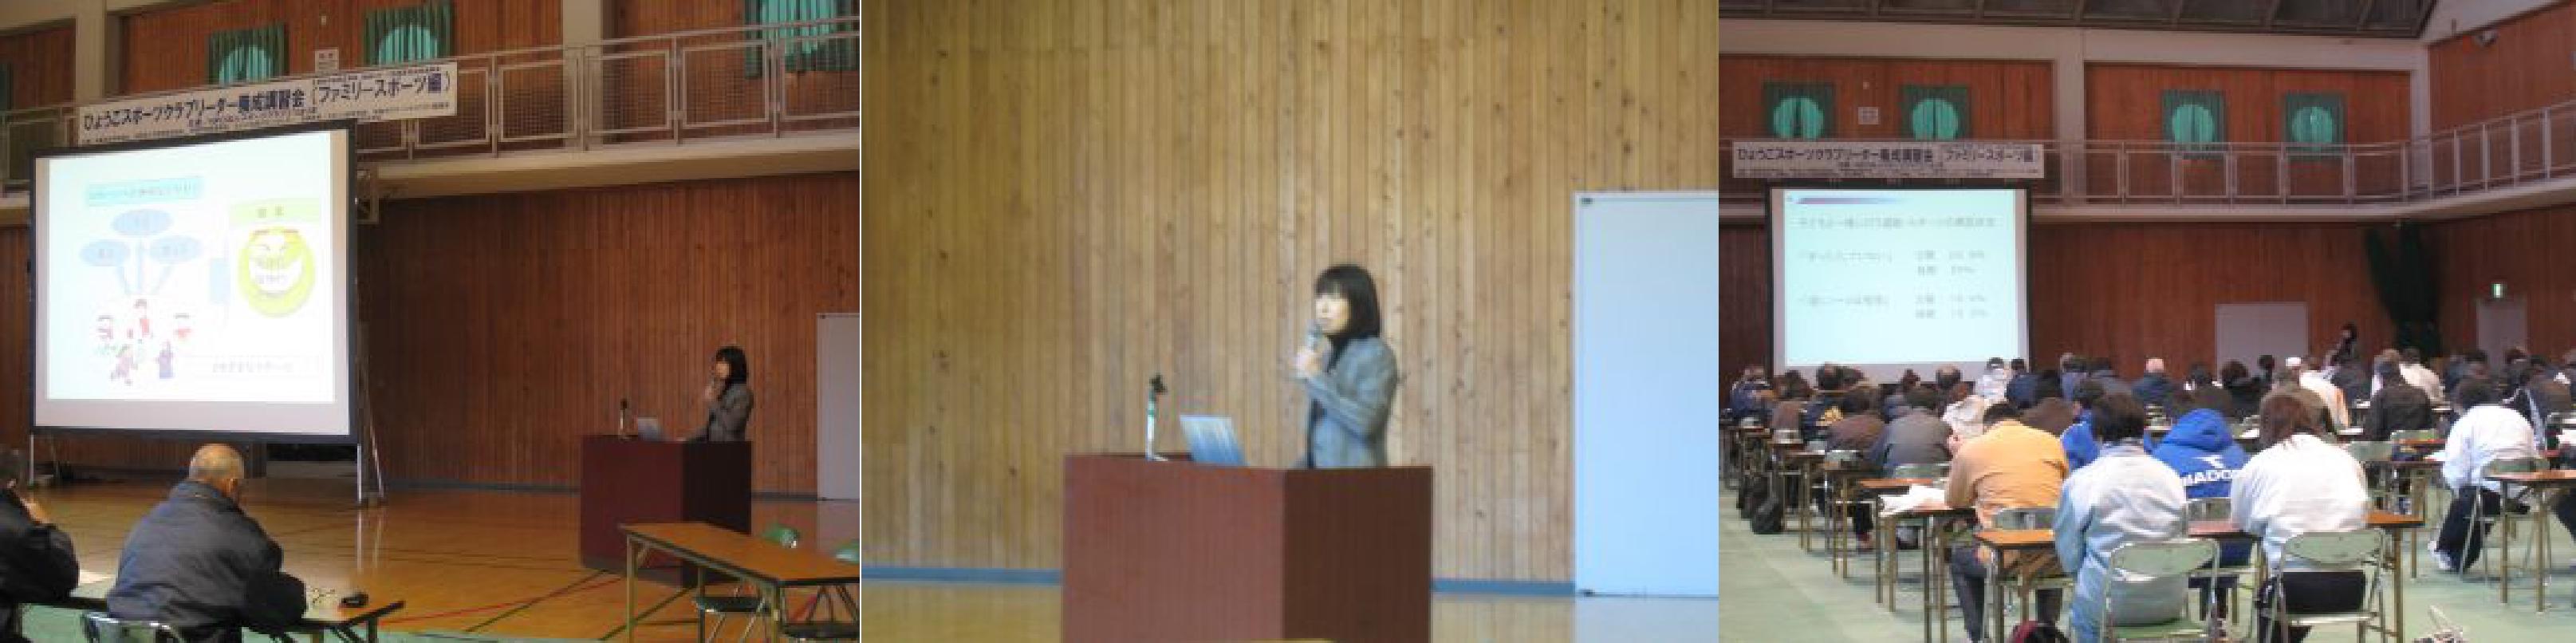 長岡先生講義.jpg